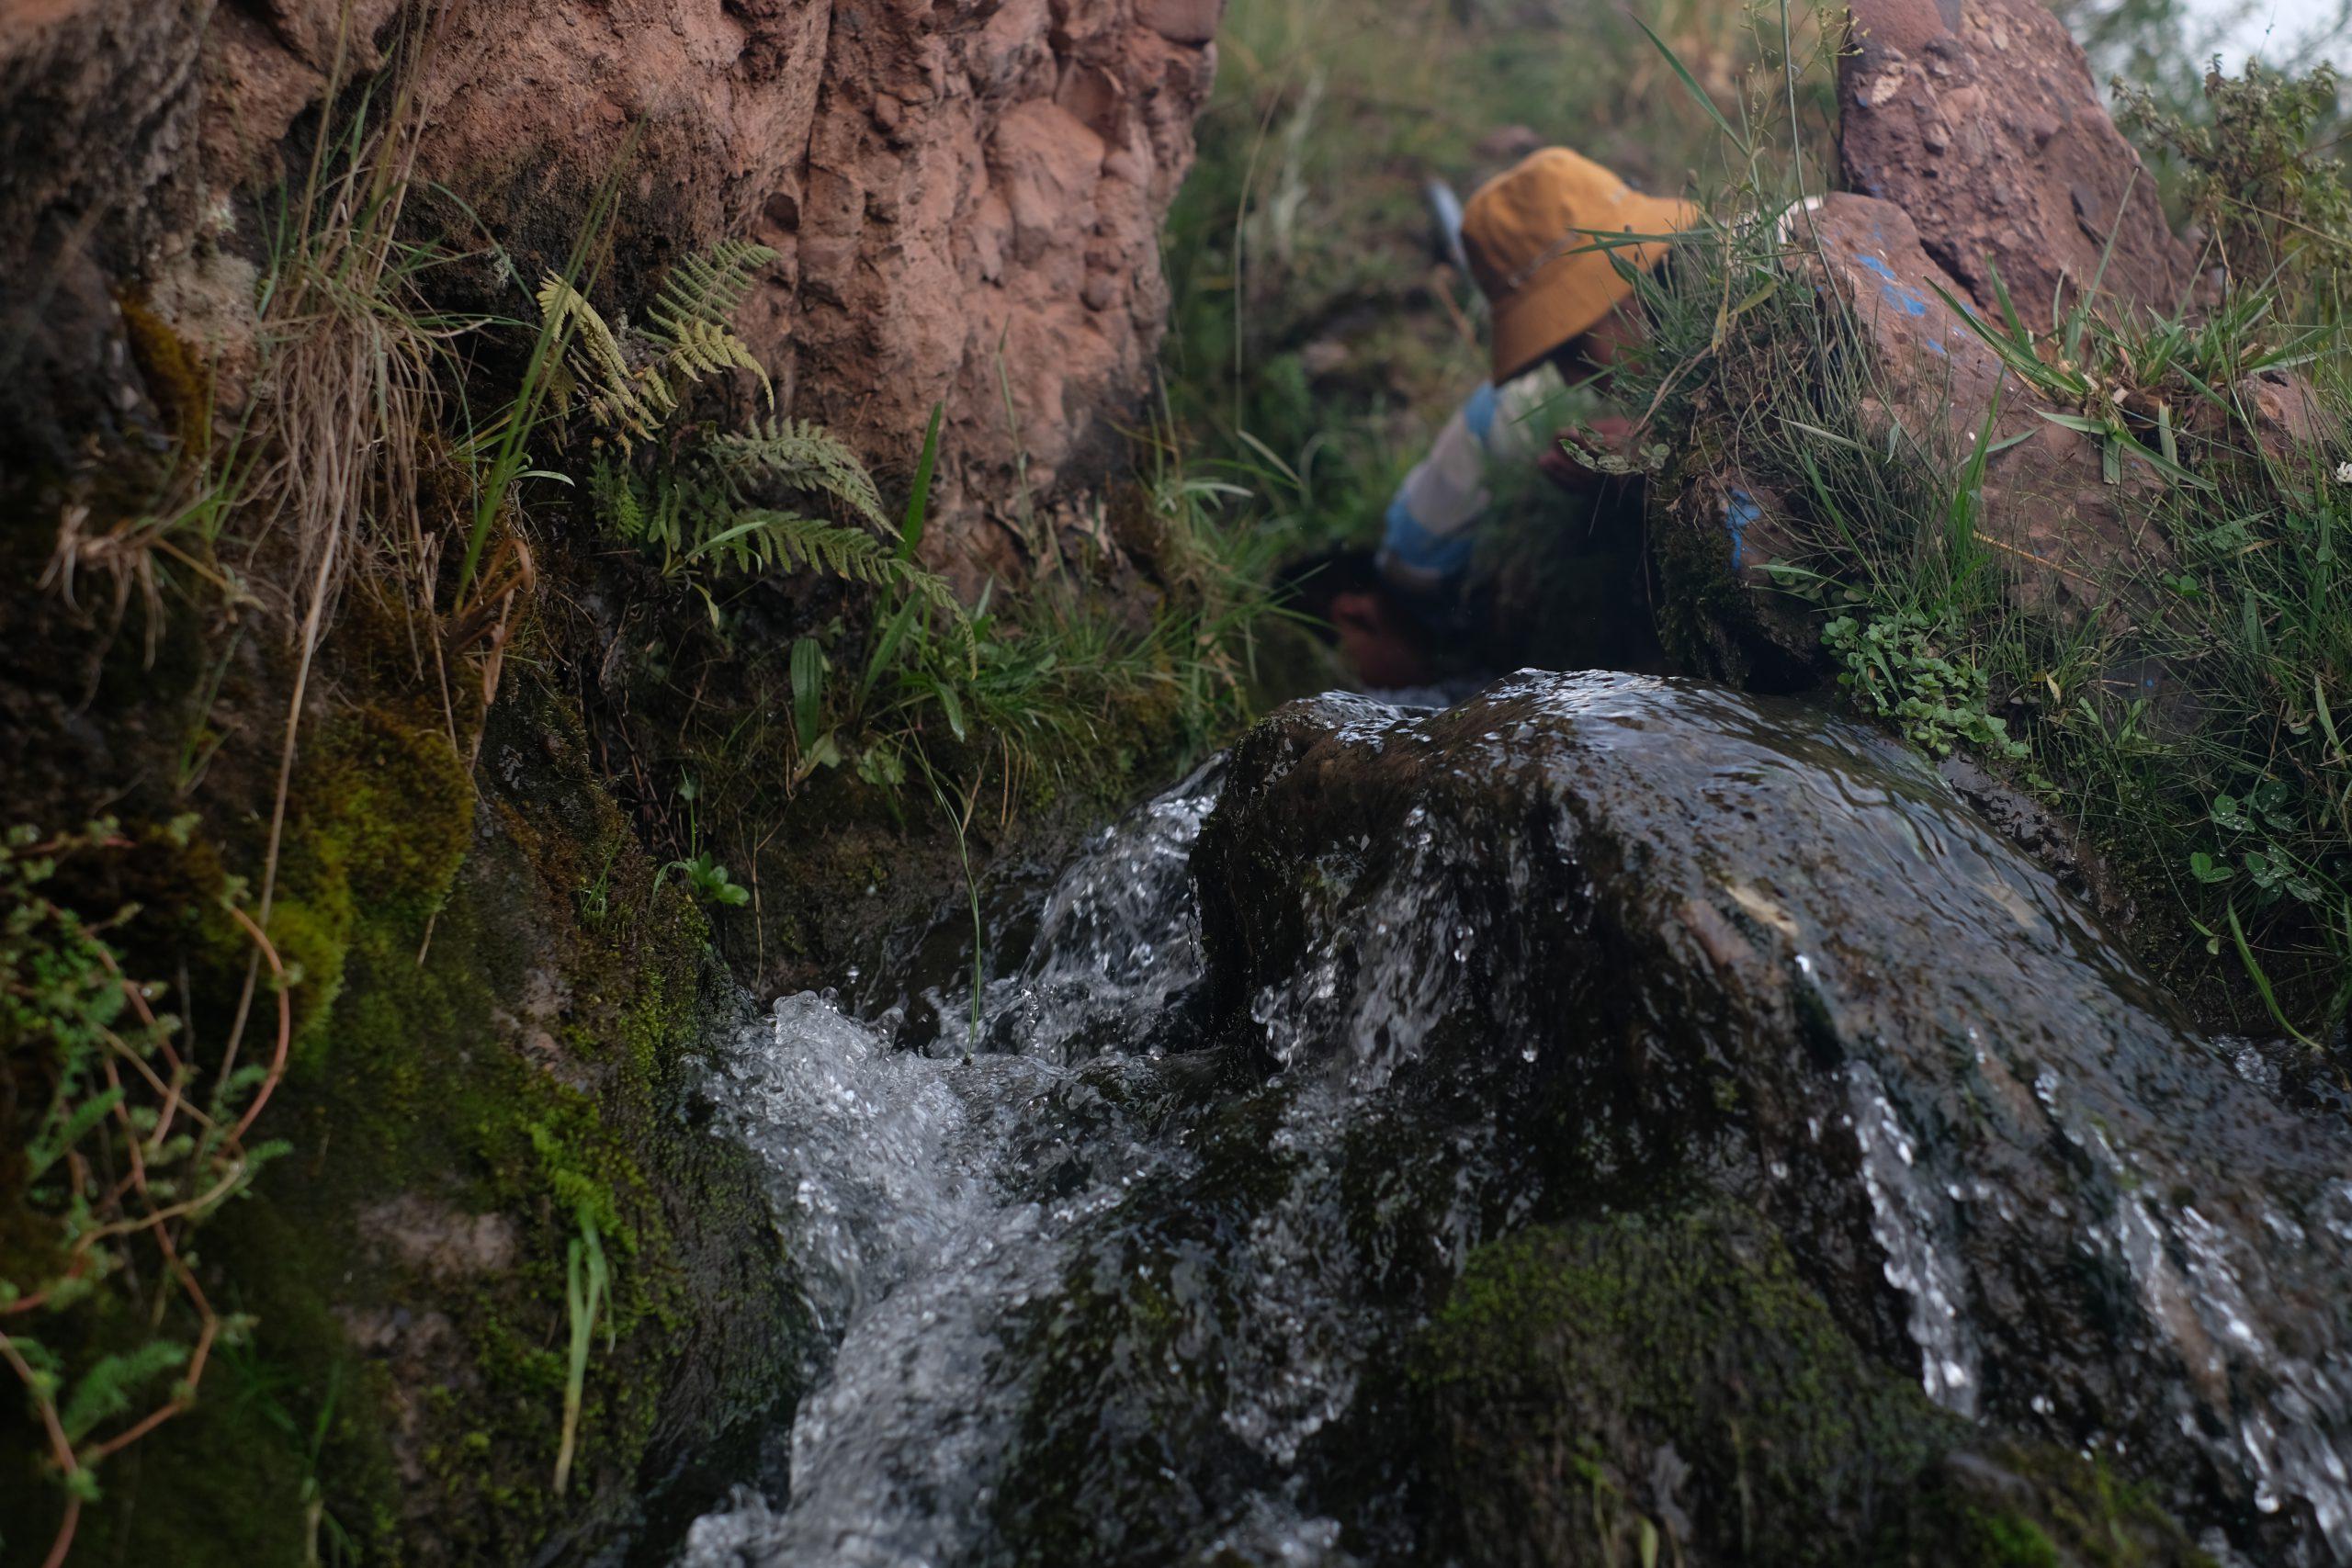 Agricultores del Illimani, afectados por el cambio climático